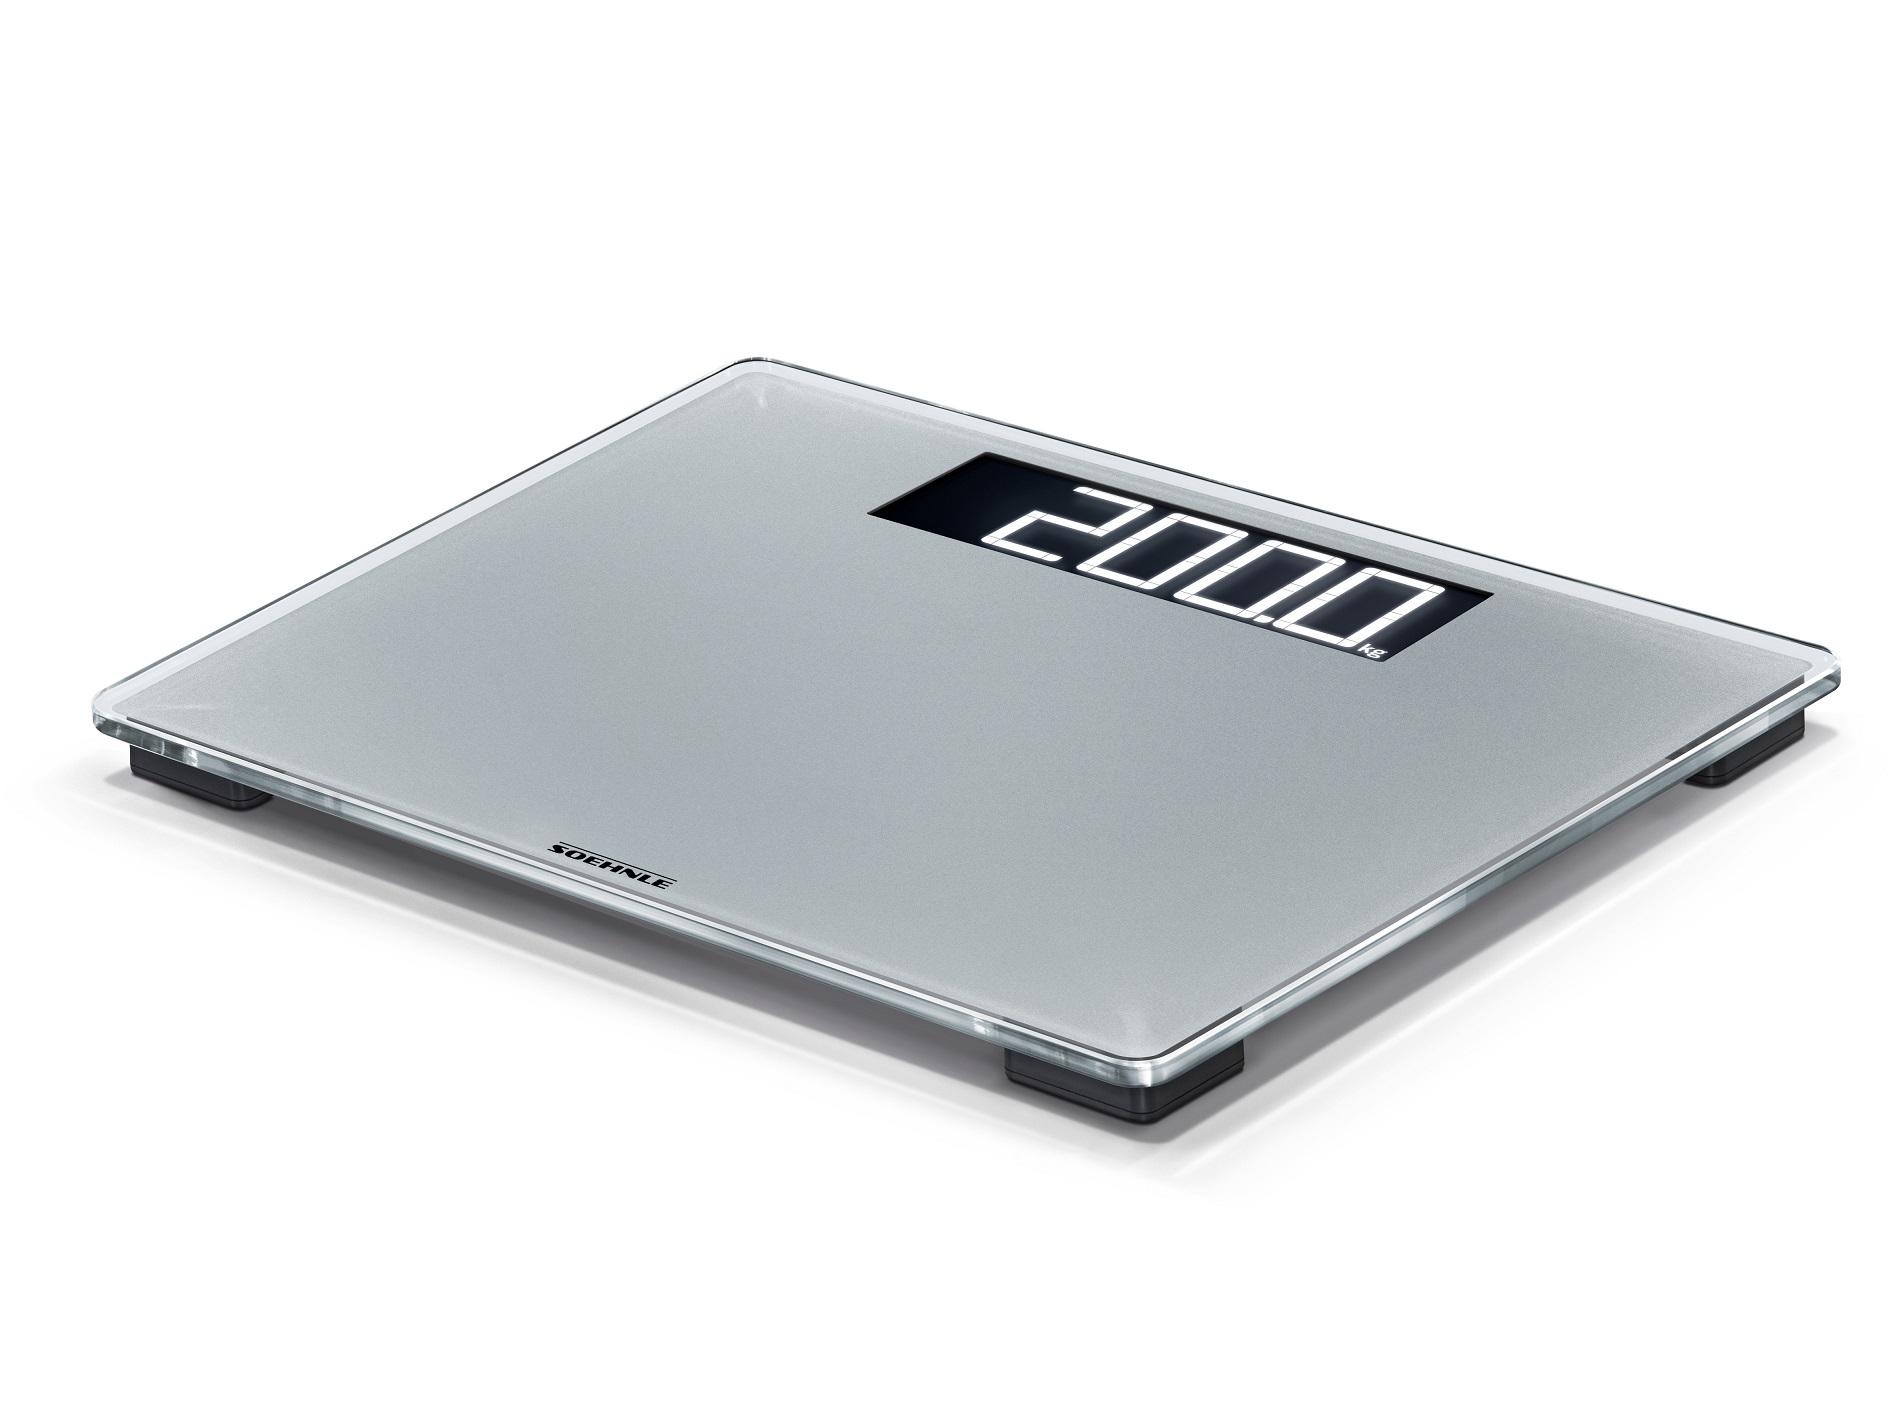 Soehnle Osobní váha STYLE SENSE Comfort 600 - digitální SOEHNLE 63864